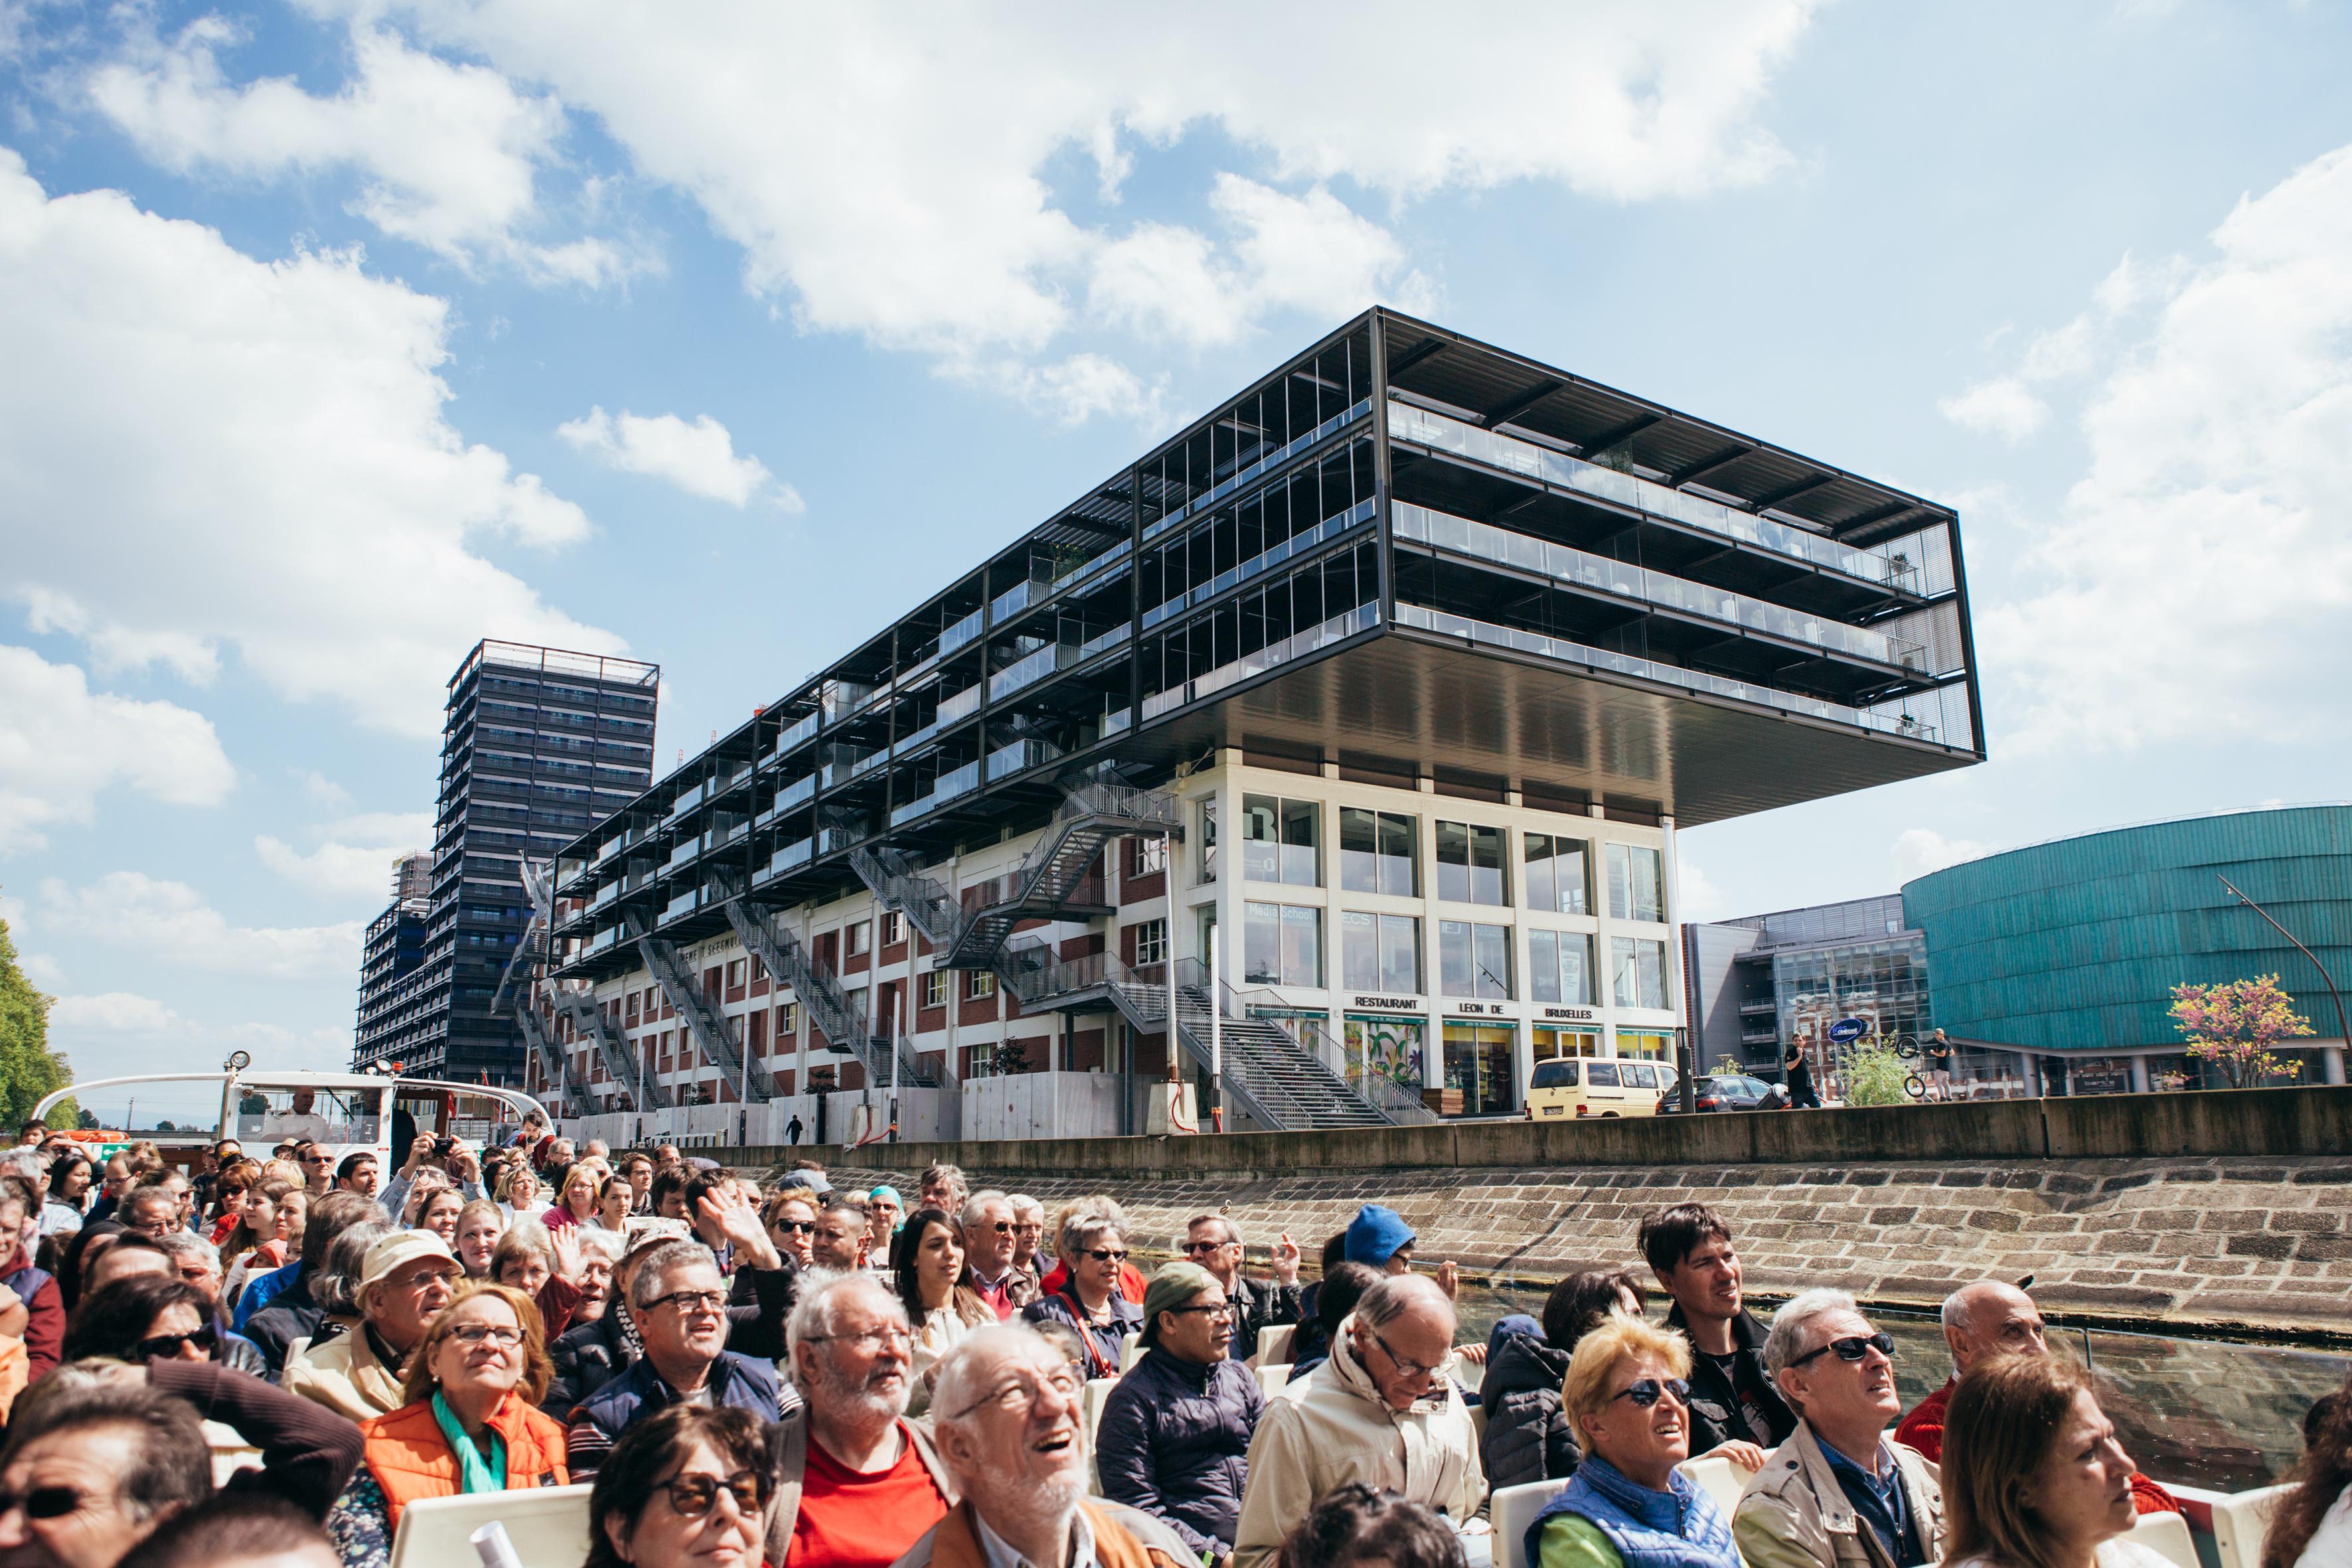 Balade en bateau avec Batorama pour découvrir le grand projet Deux-Rives - © Vincent Muller / SPL Deux Rives